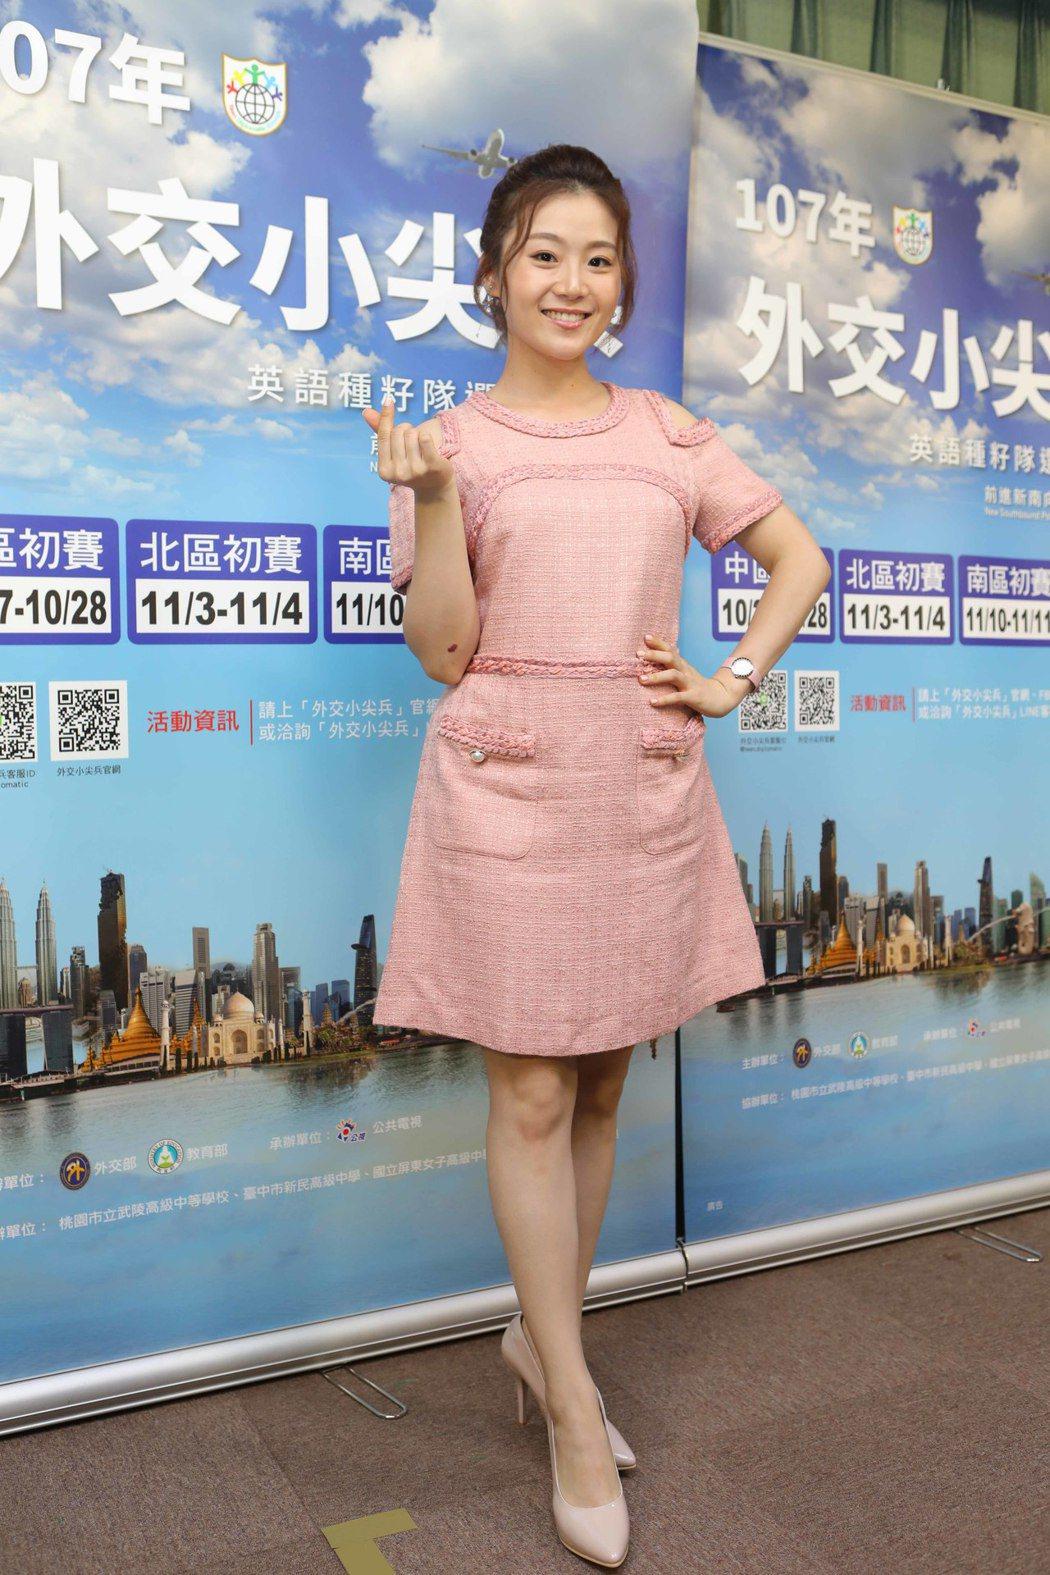 楊小黎出席「外交小尖兵-英語種籽隊選拔活動」記者會。圖/公視提供